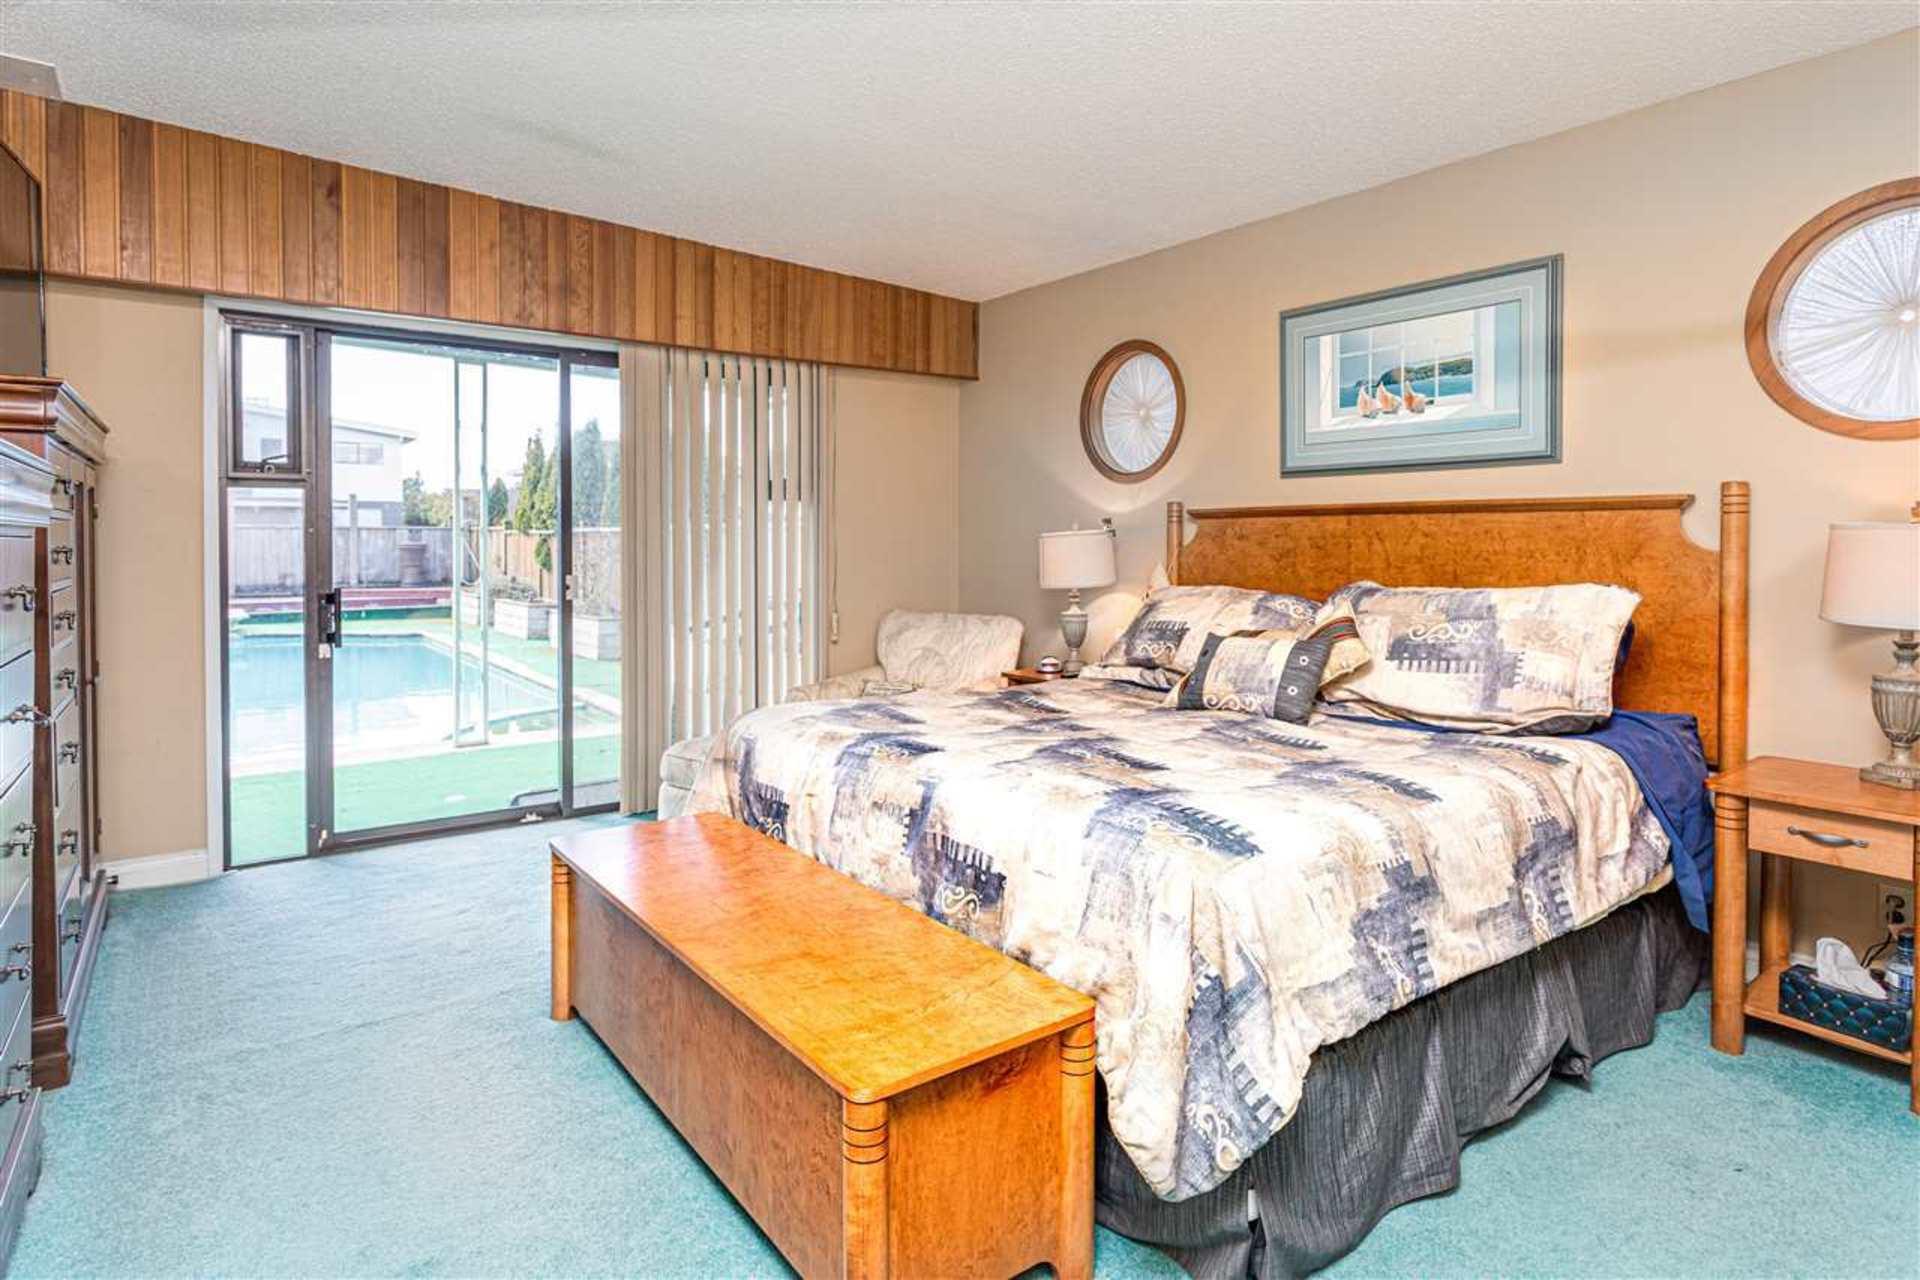 1200-cottonwood-avenue-central-coquitlam-coquitlam-09 at 1200 Cottonwood Avenue, Central Coquitlam, Coquitlam